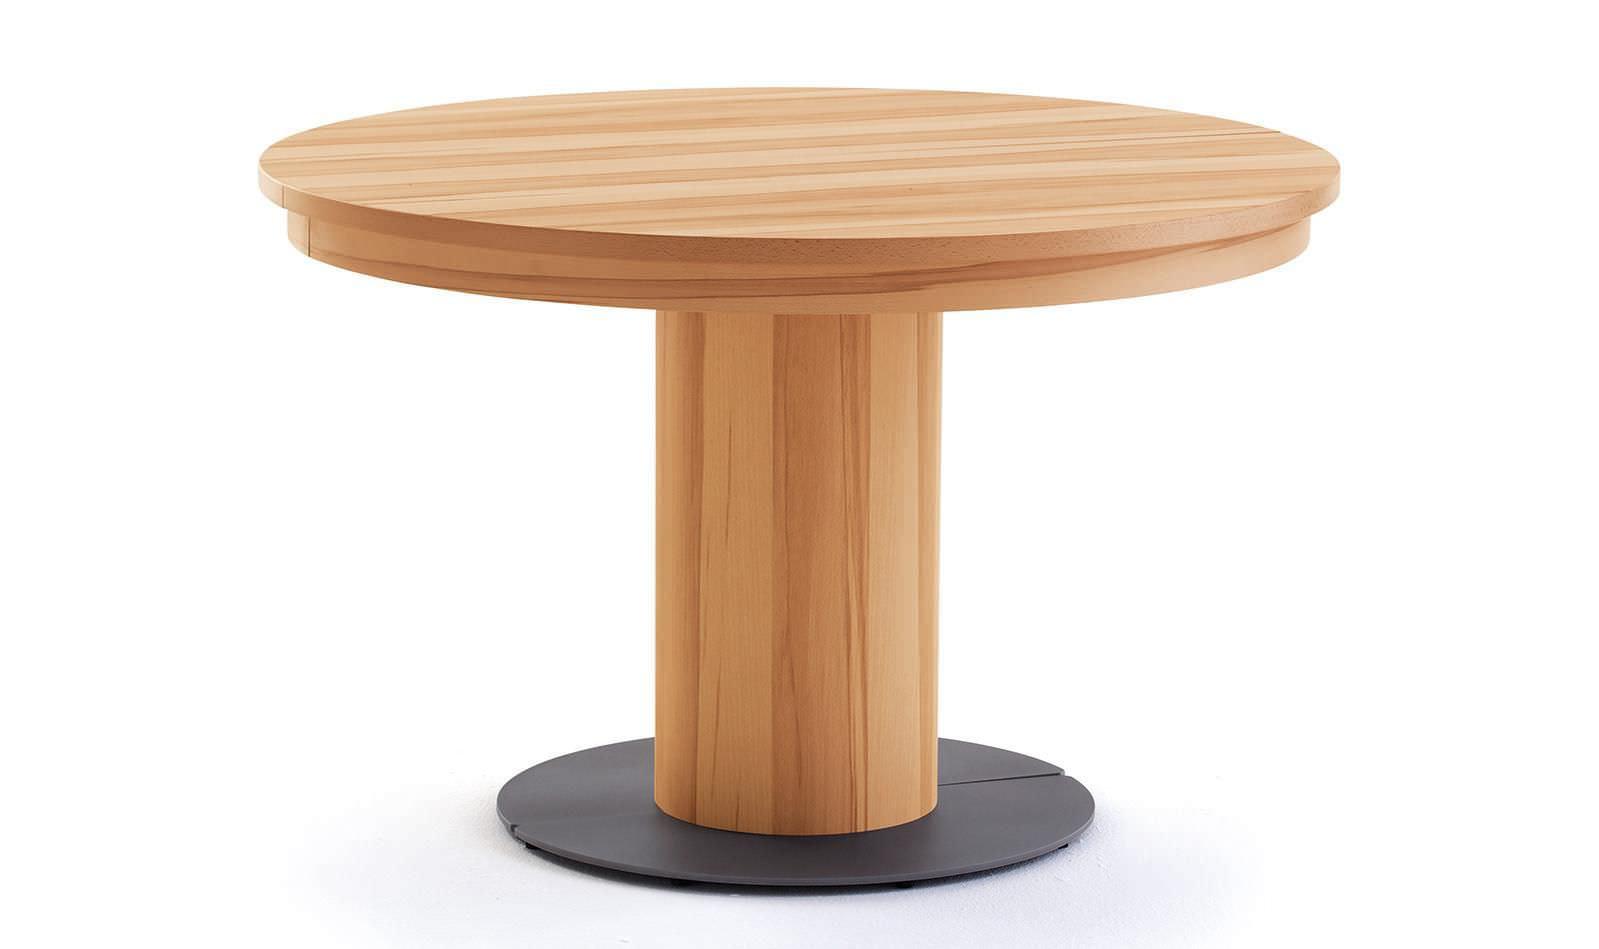 mesa de comedor moderna de madera redonda de interior et558 alfons venjakob gmbh